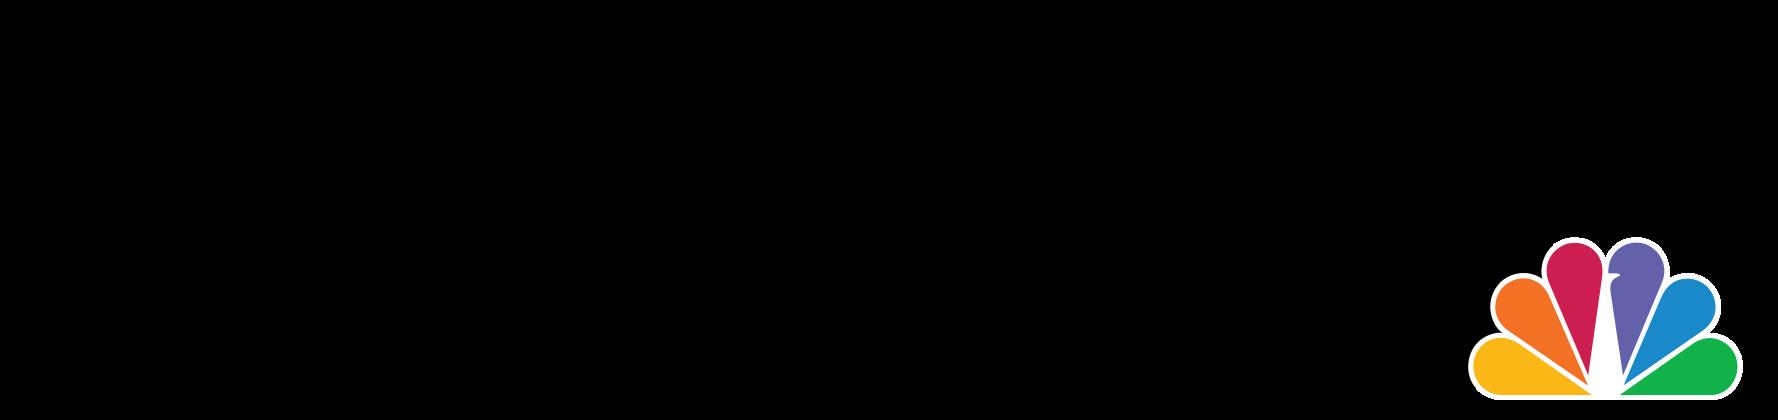 kgw-logo.png